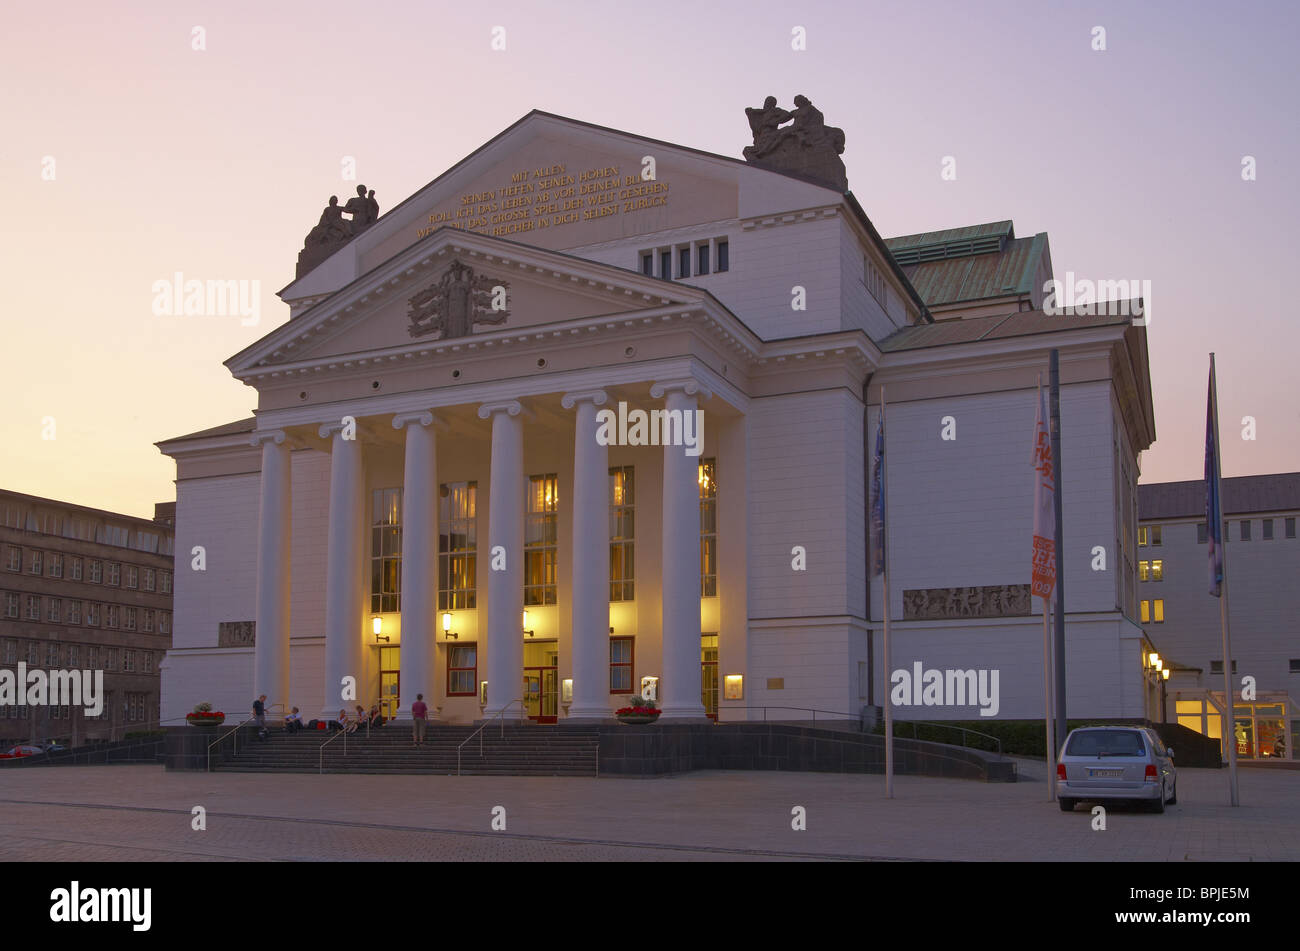 Architekt Duisburg duisburg theatre stockfotos duisburg theatre bilder alamy